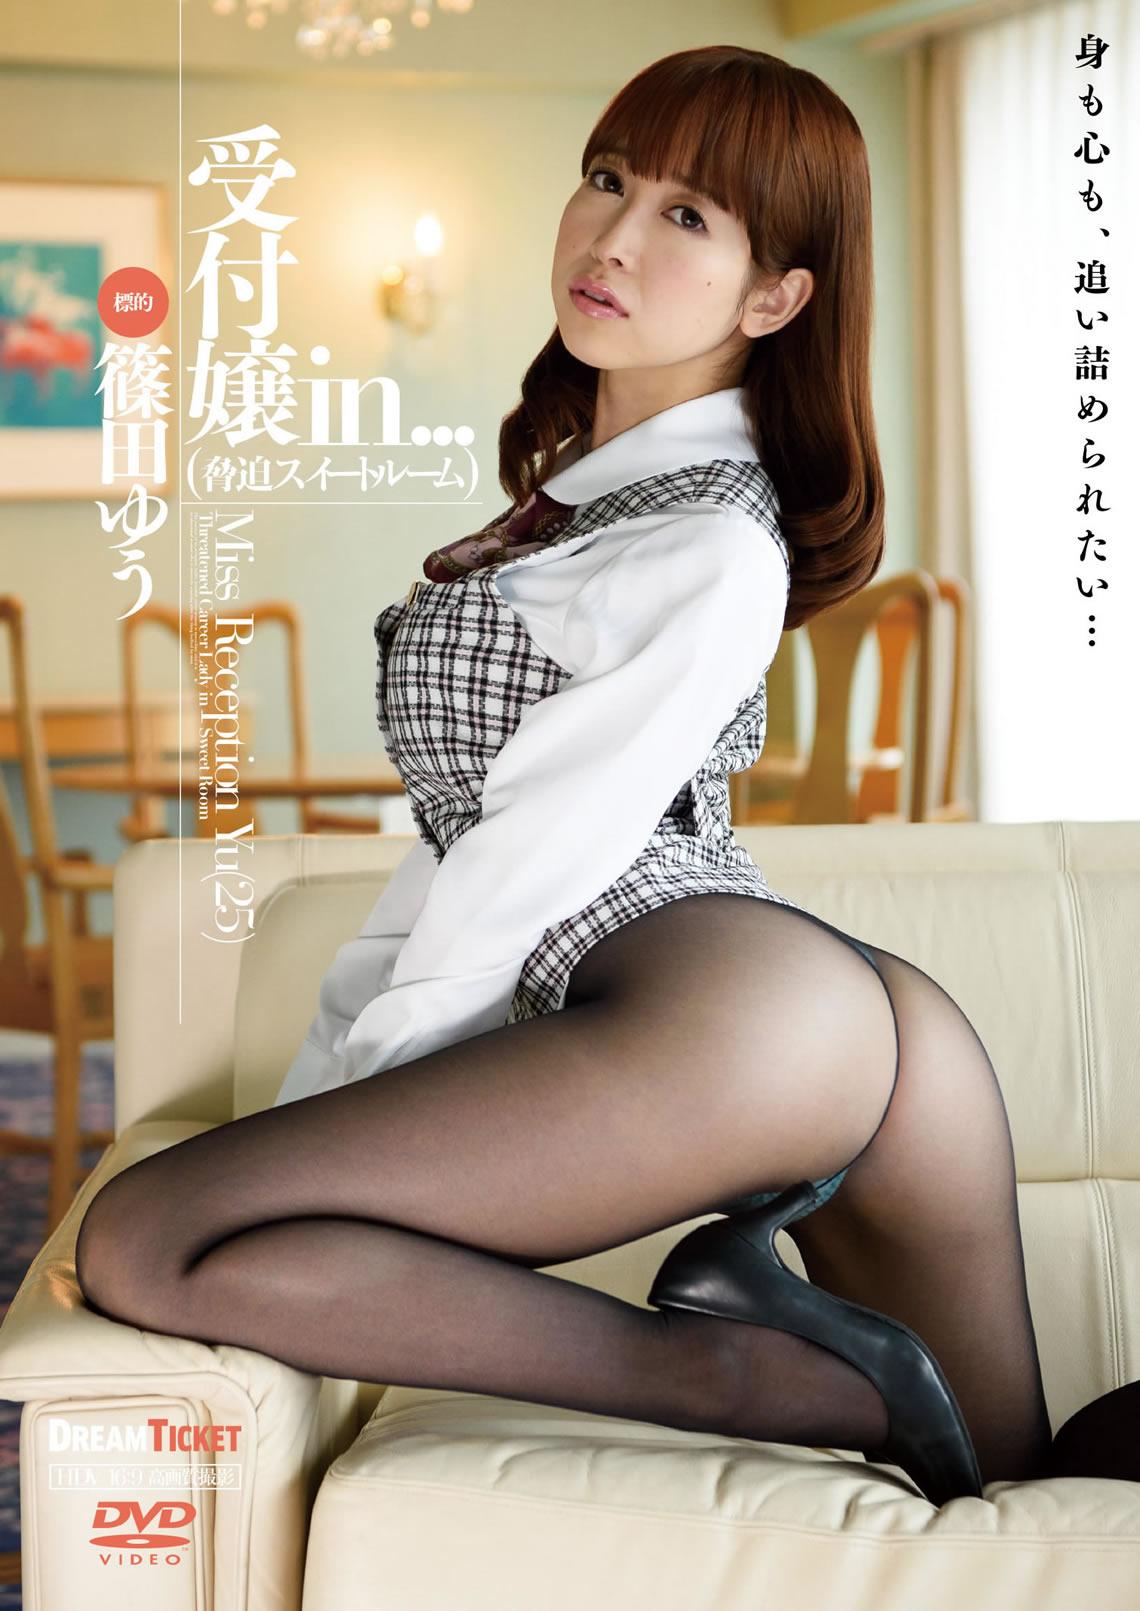 av受付嬢 受付嬢in… [脅迫スイートルーム] Miss Reception Yu(25)